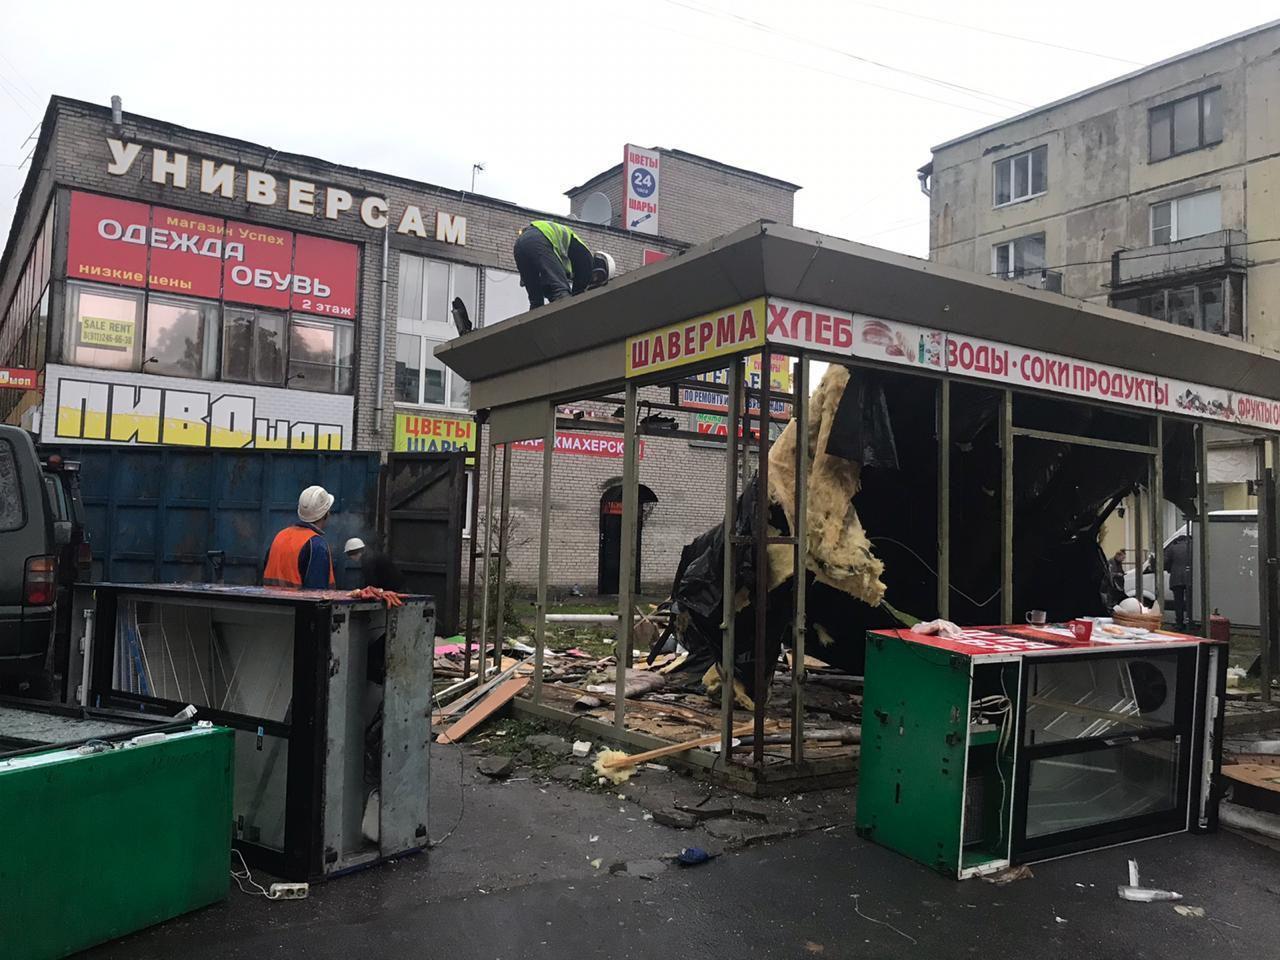 фото ЗакС политика ККИ продолжает бороться с нерадивыми арендаторами, отправляя на свалку их павильоны